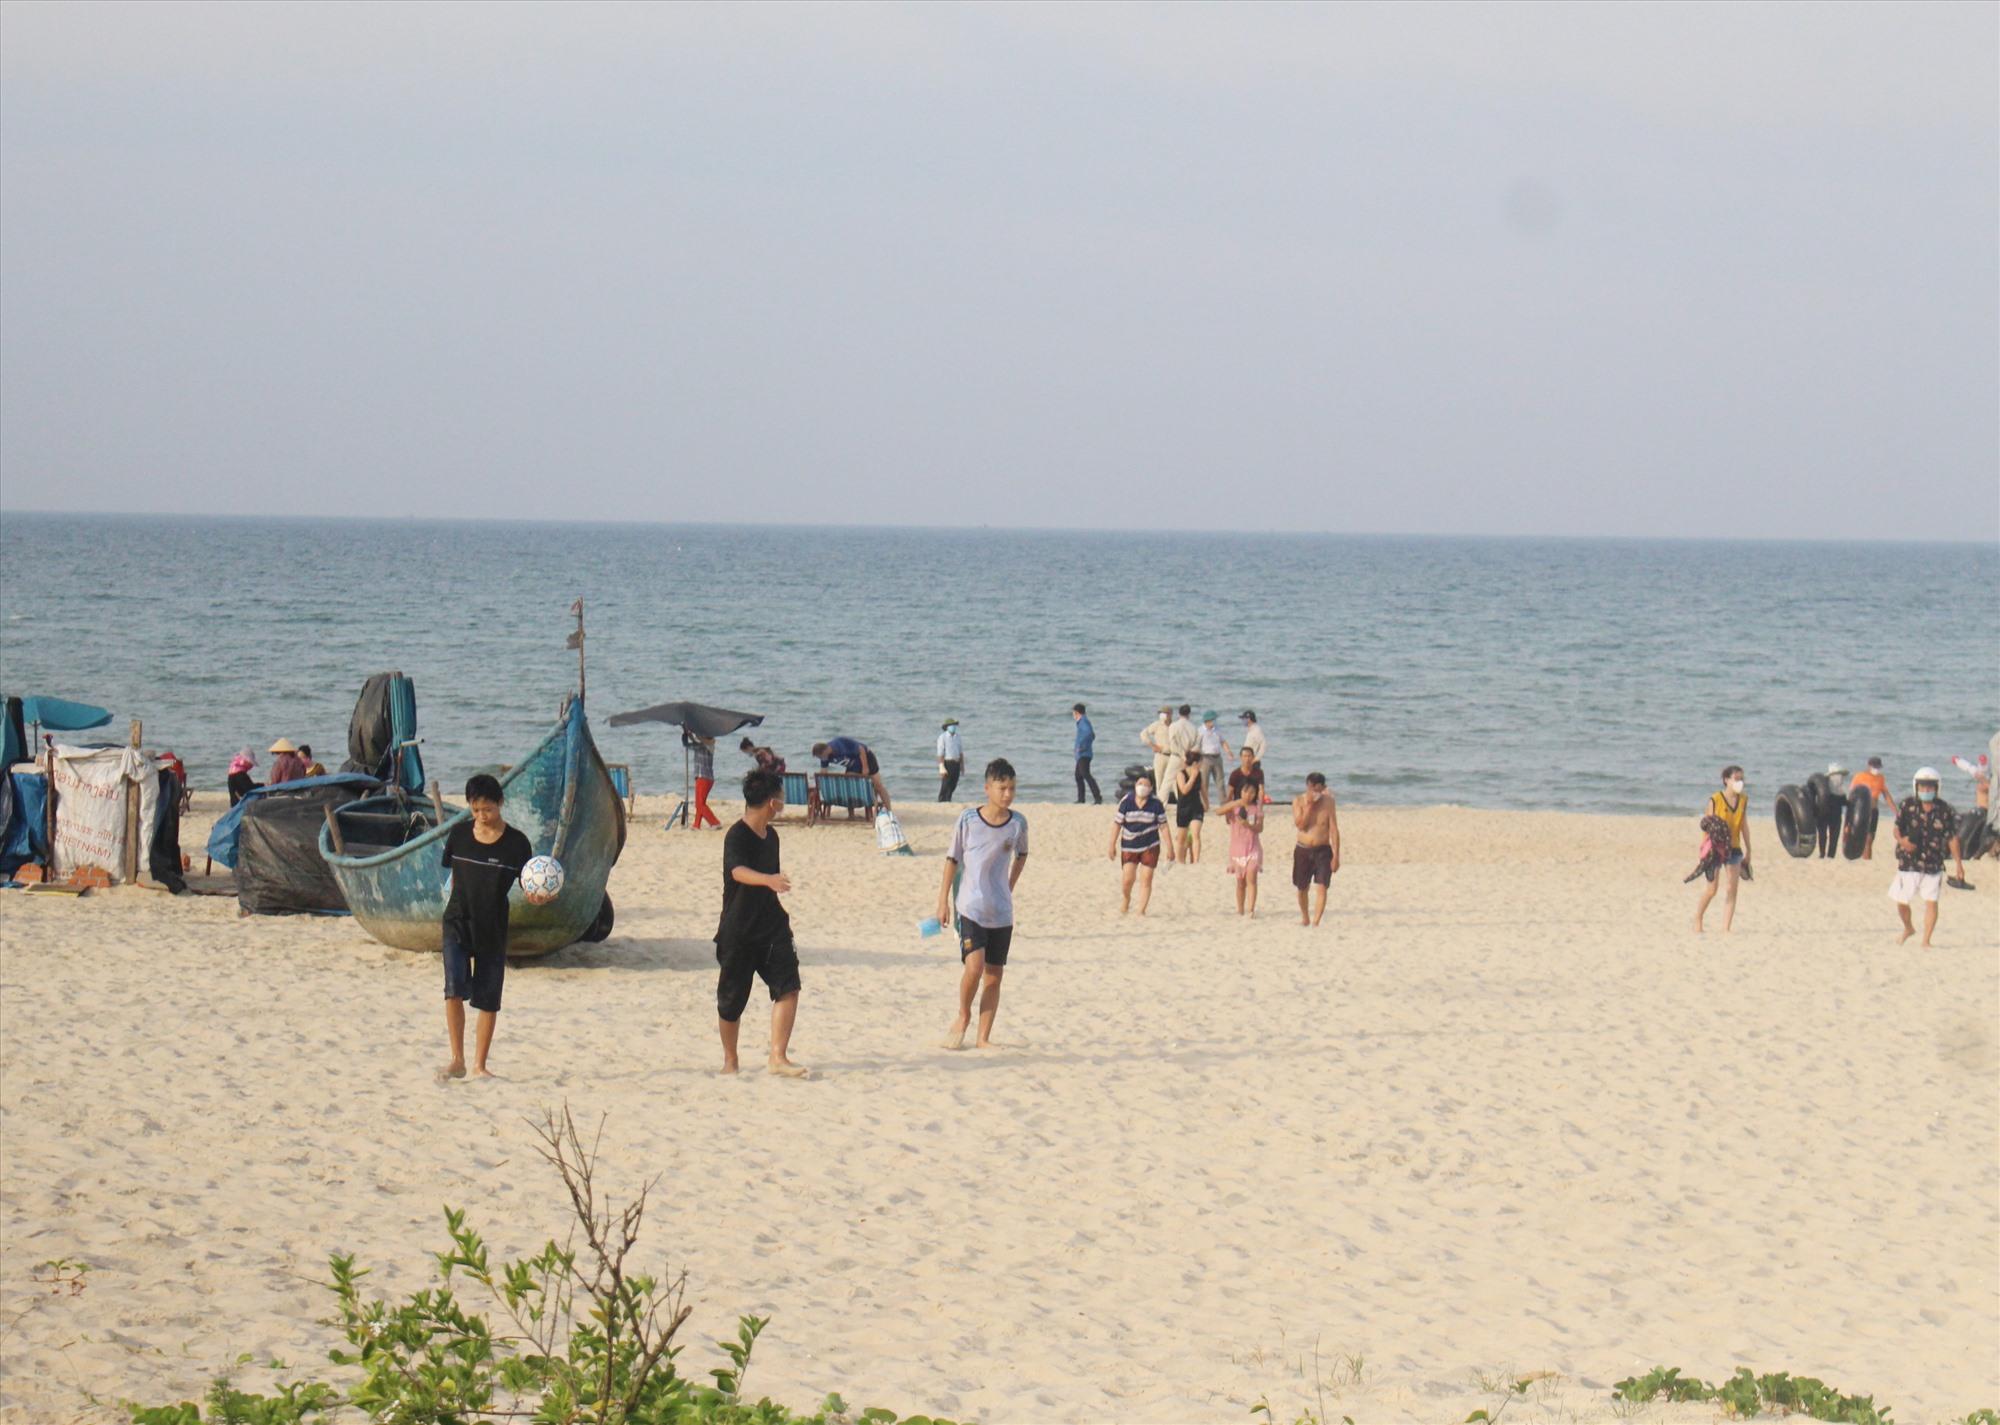 Yêu cầu quản lý nghiêm các bãi tắm biển công cộng được đặt ra nhằm phòng chống dịch Covid-19. Ảnh: X.H